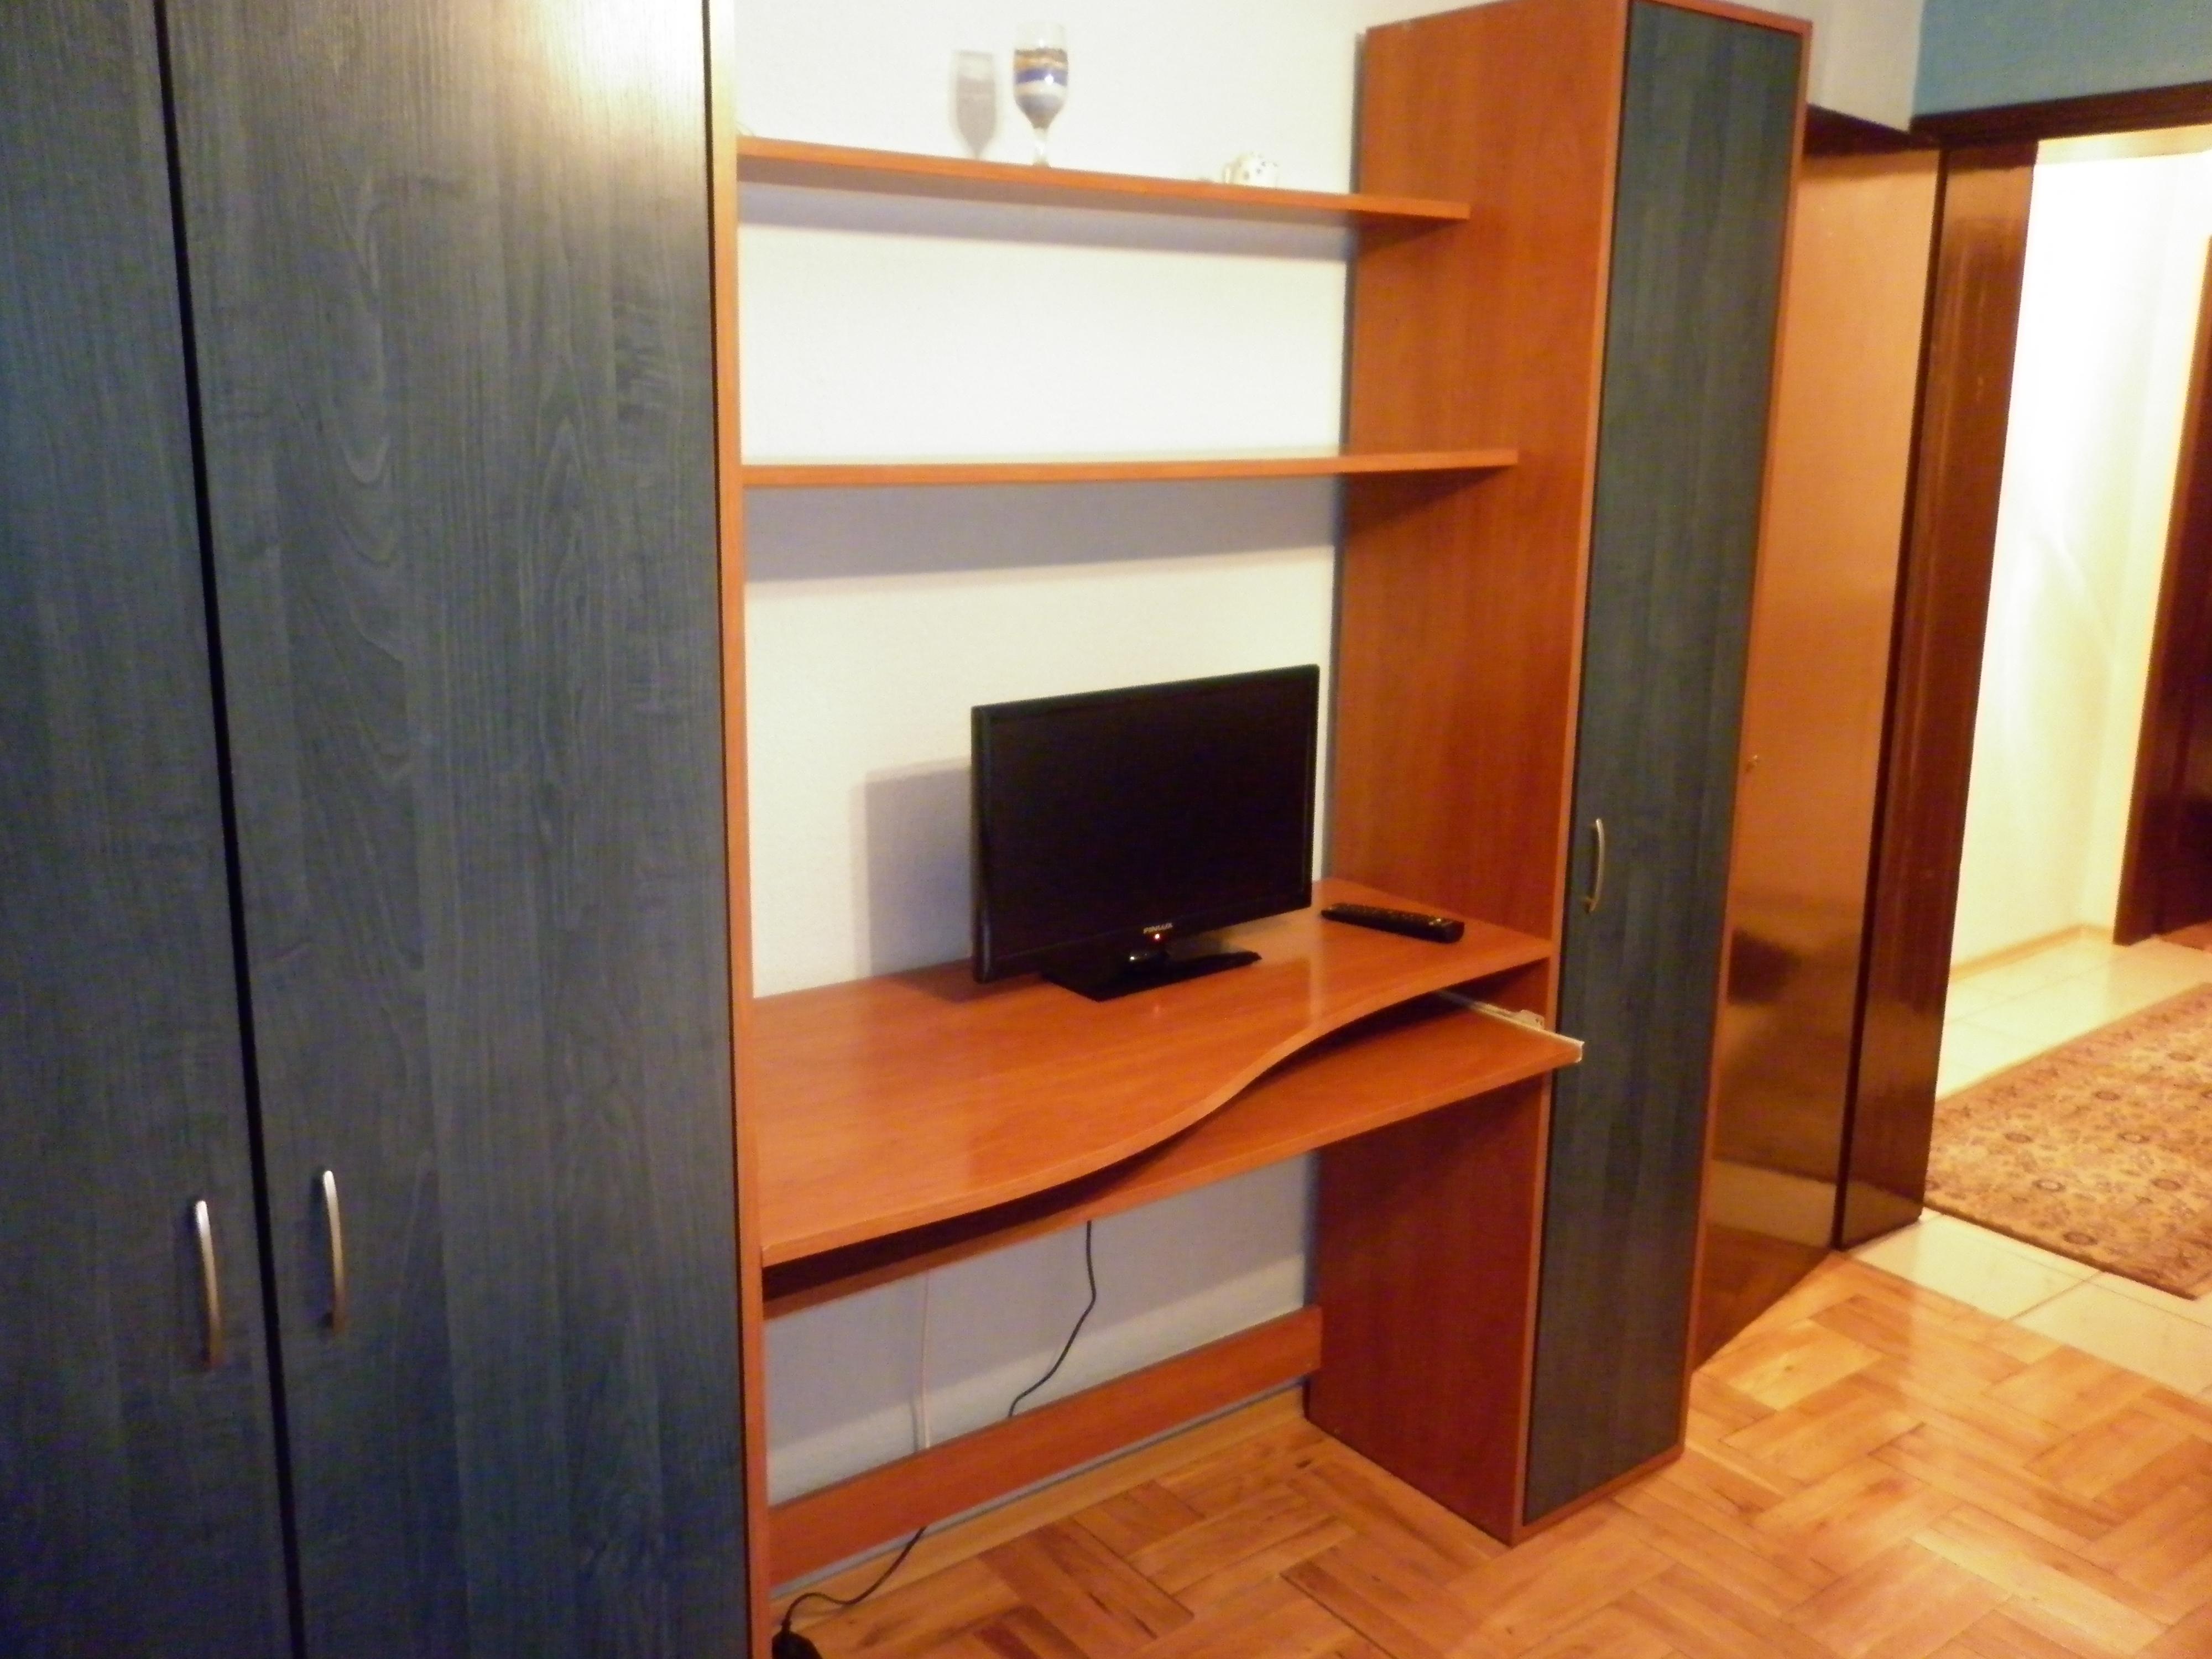 Къща за гости Златоград стая 2.3